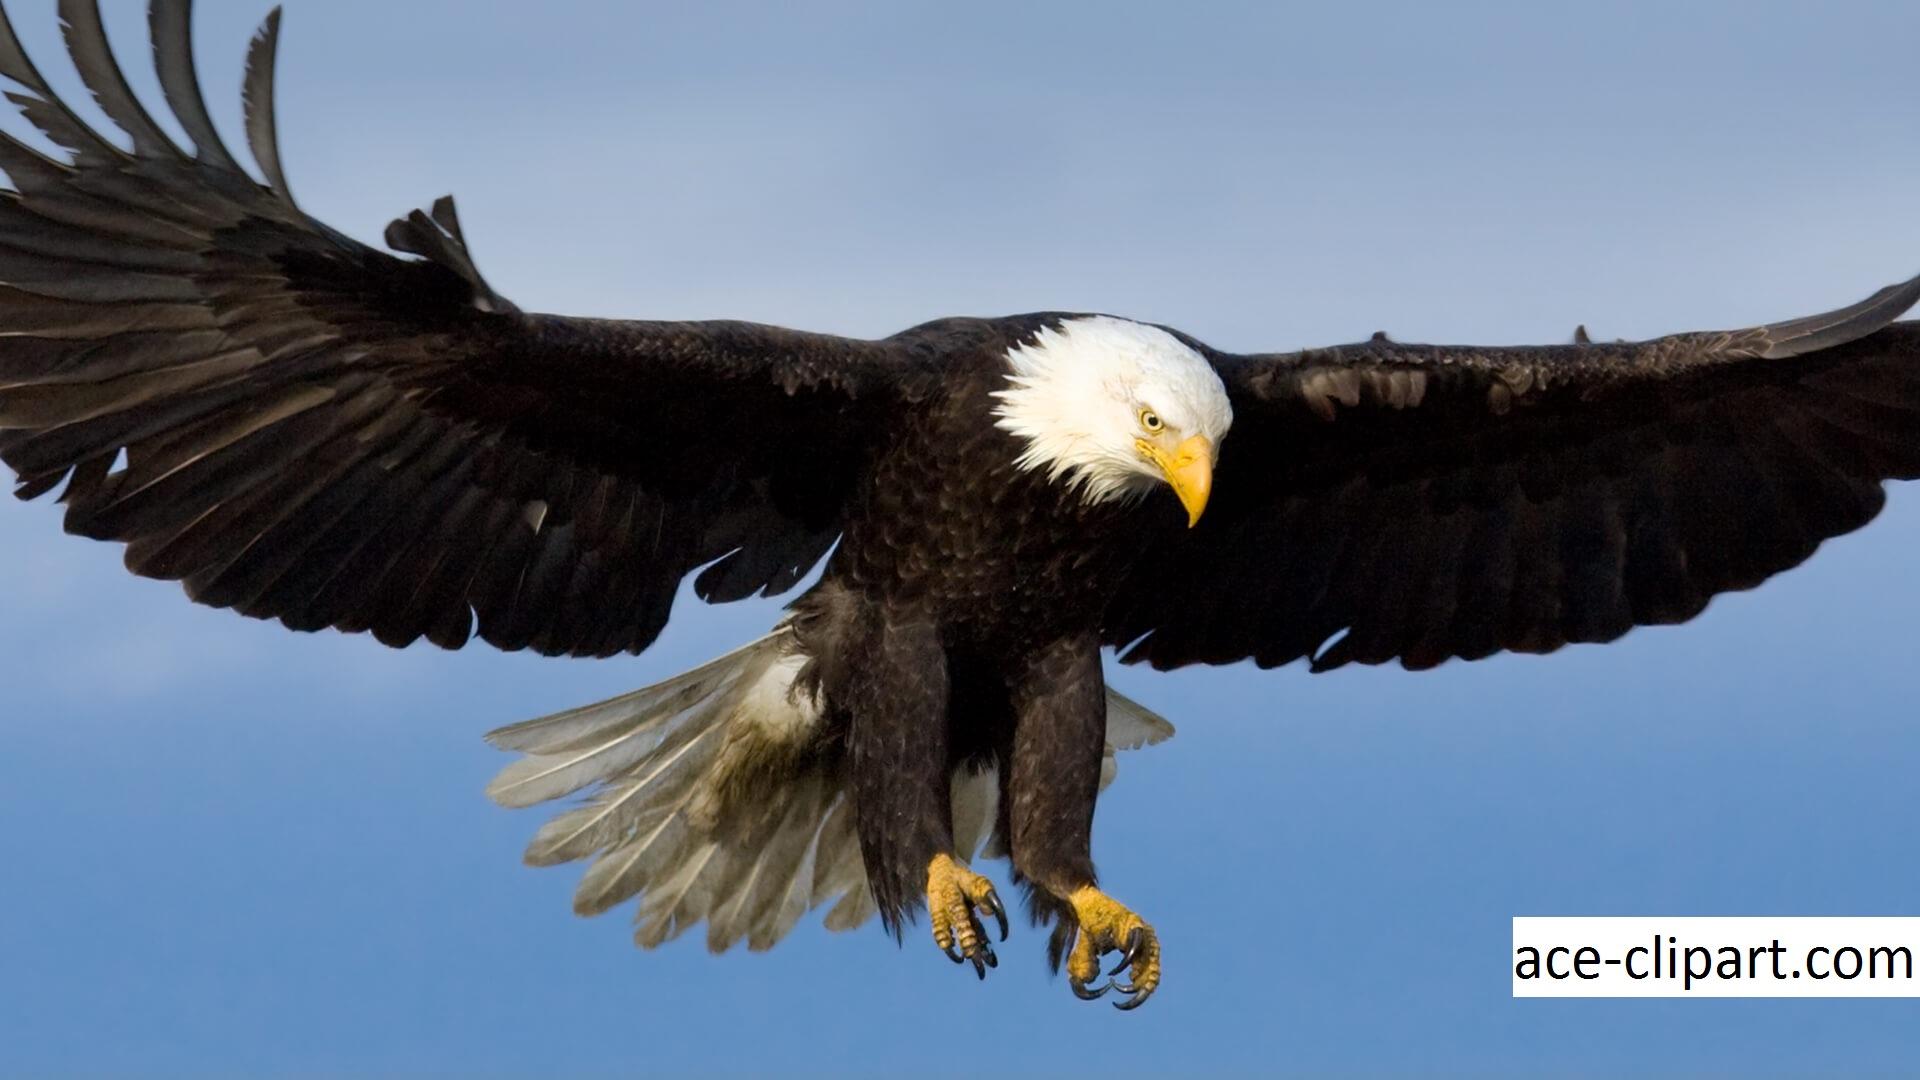 Habitat Tingkah Laku dan Reproduksi Bald Eagle